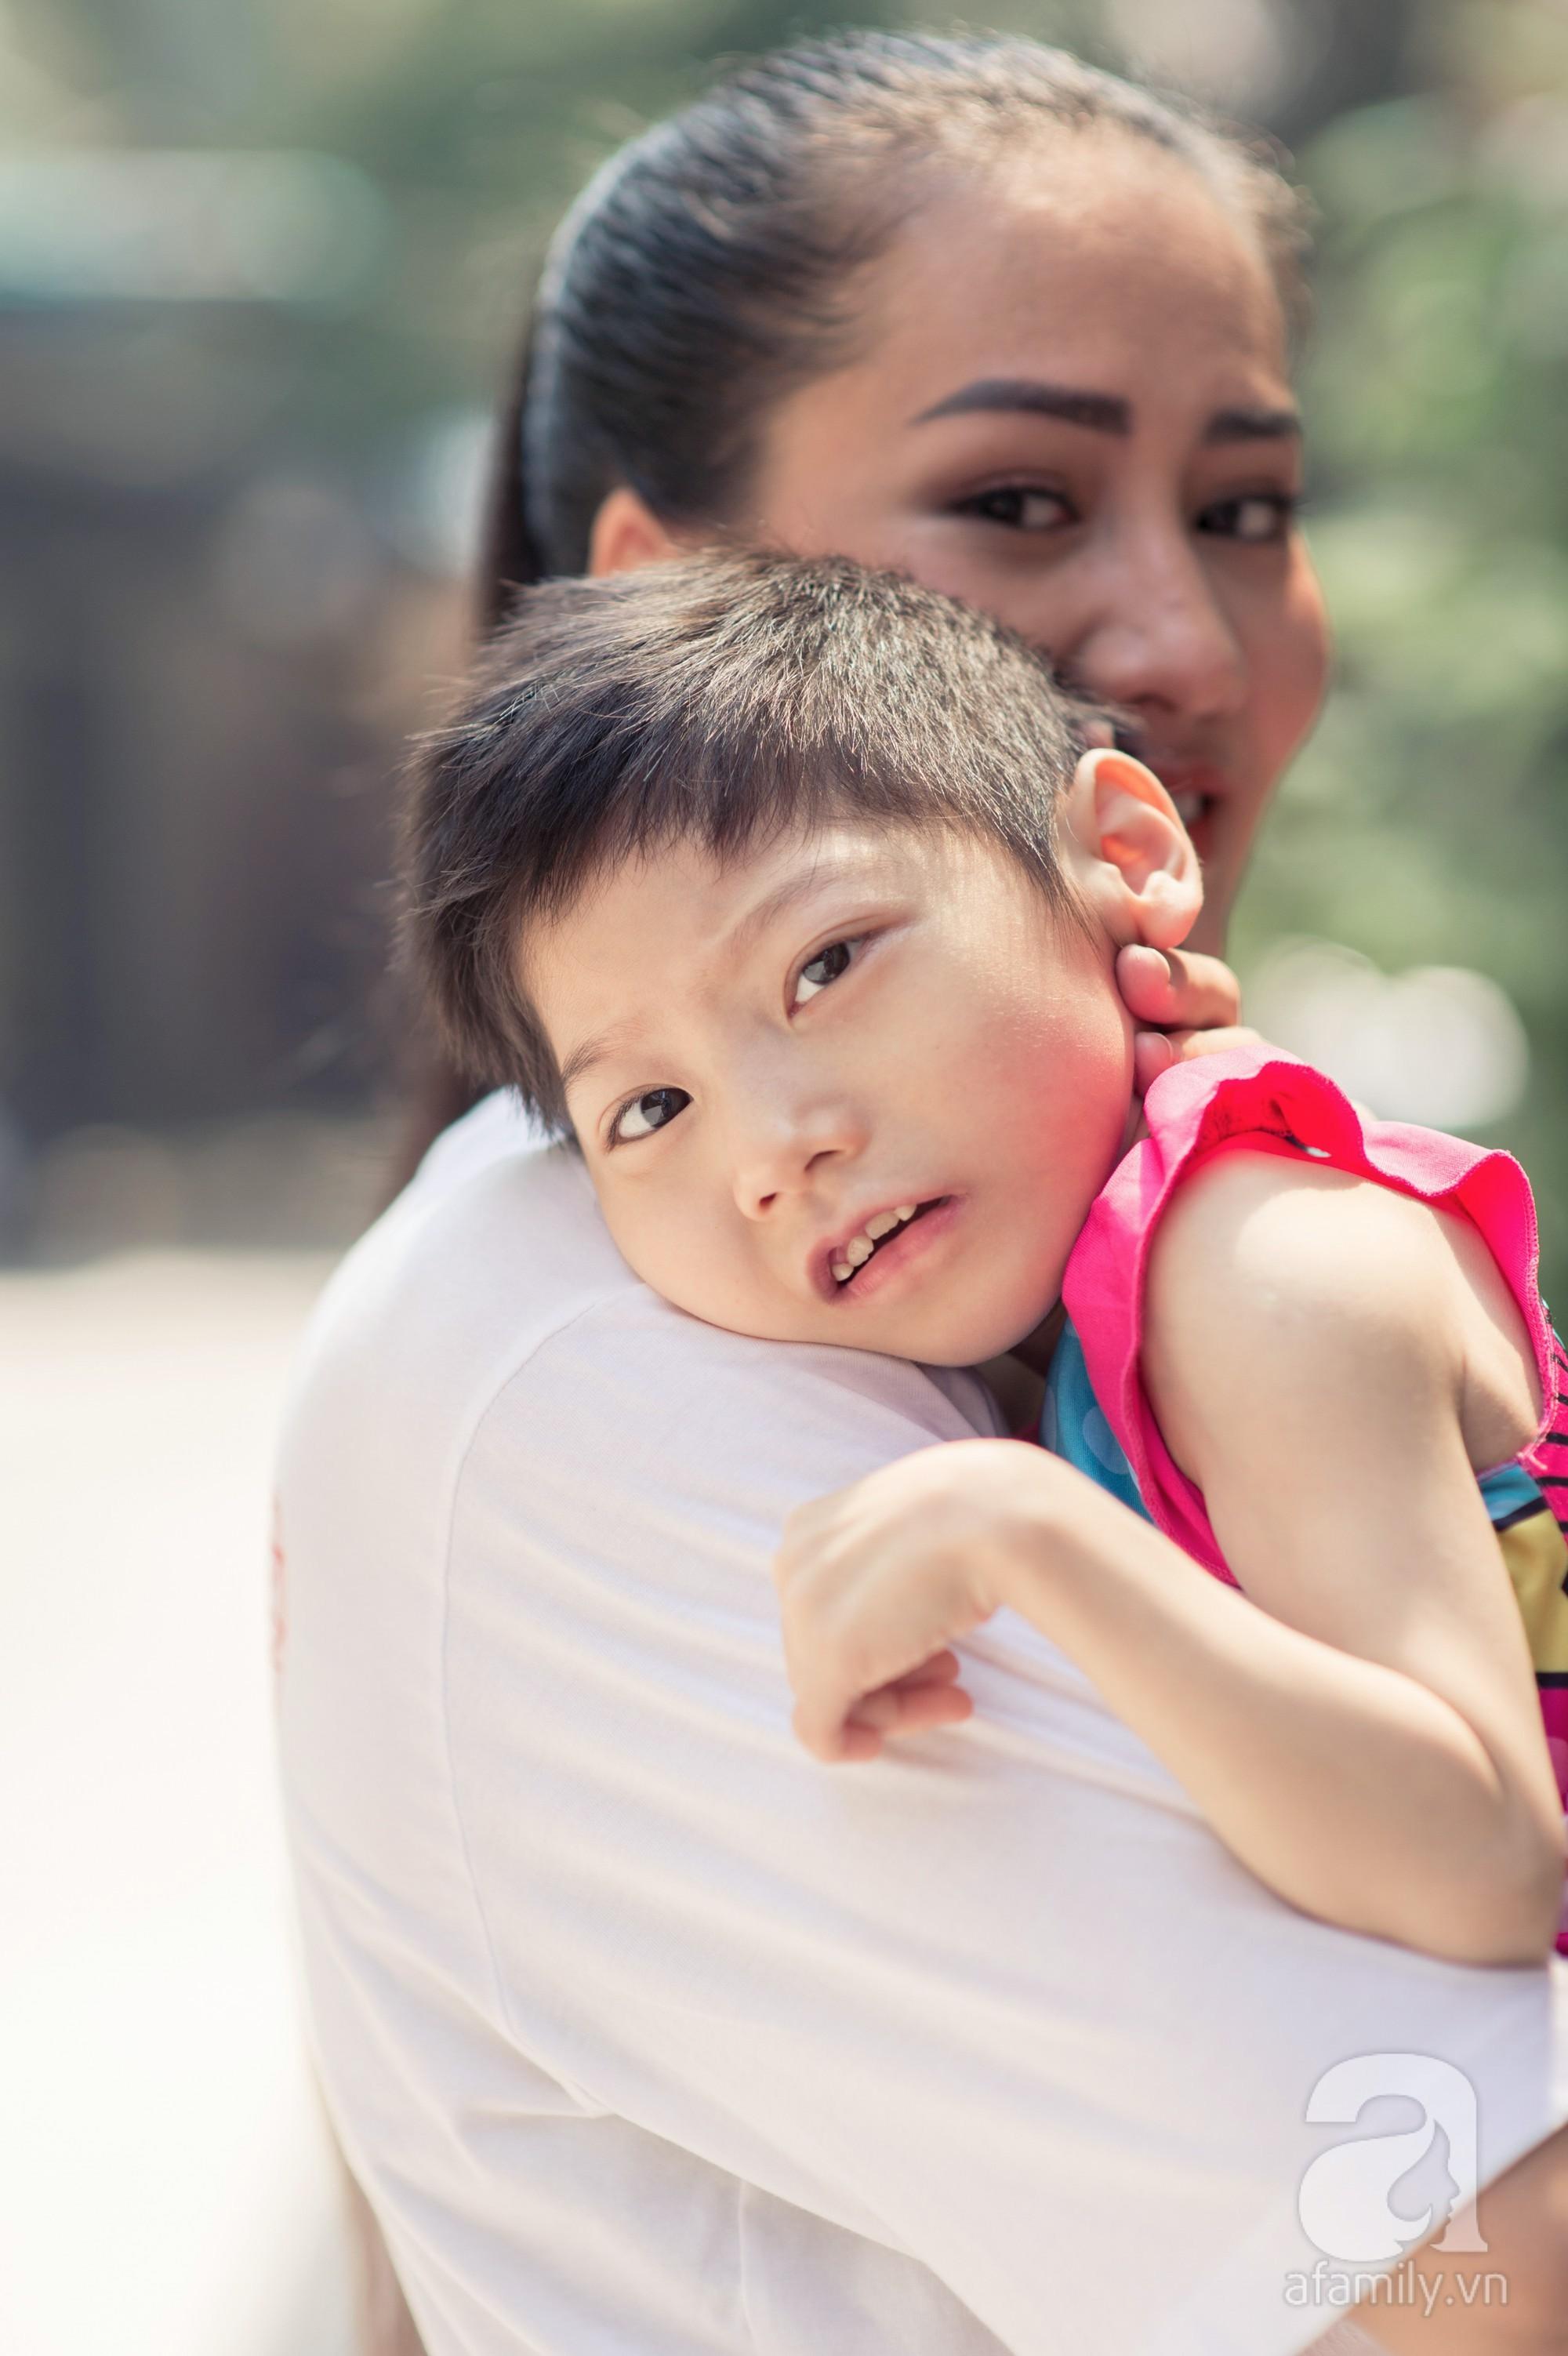 Minh Cúc Về nhà đi con kể về bạn trai từng nghĩ chỉ yêu chơi: Anh ấy muốn làm bố, nhưng tôi không thể sinh con-5